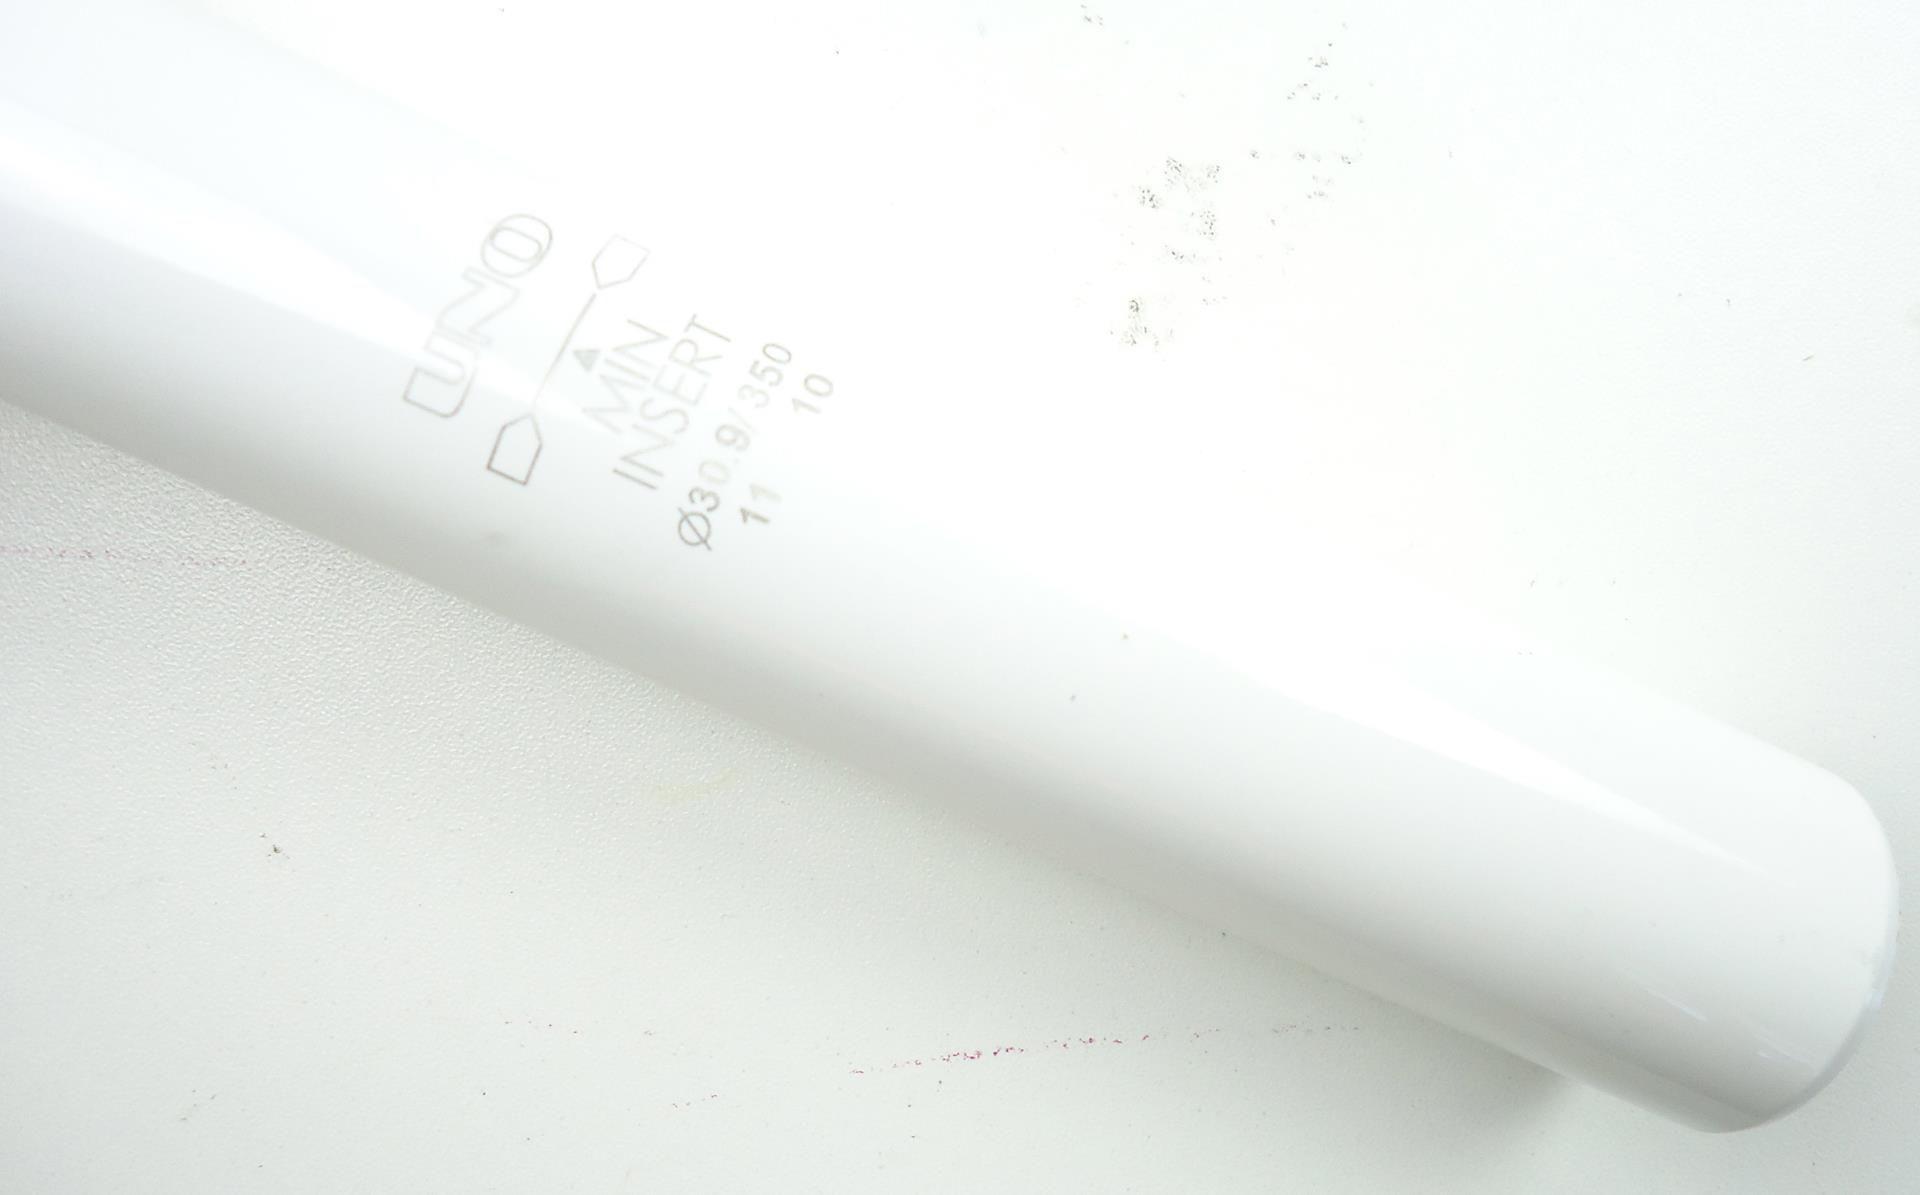 Canote de Selim Uno em Alumínio 30.9 x 350mm Branco com Setback